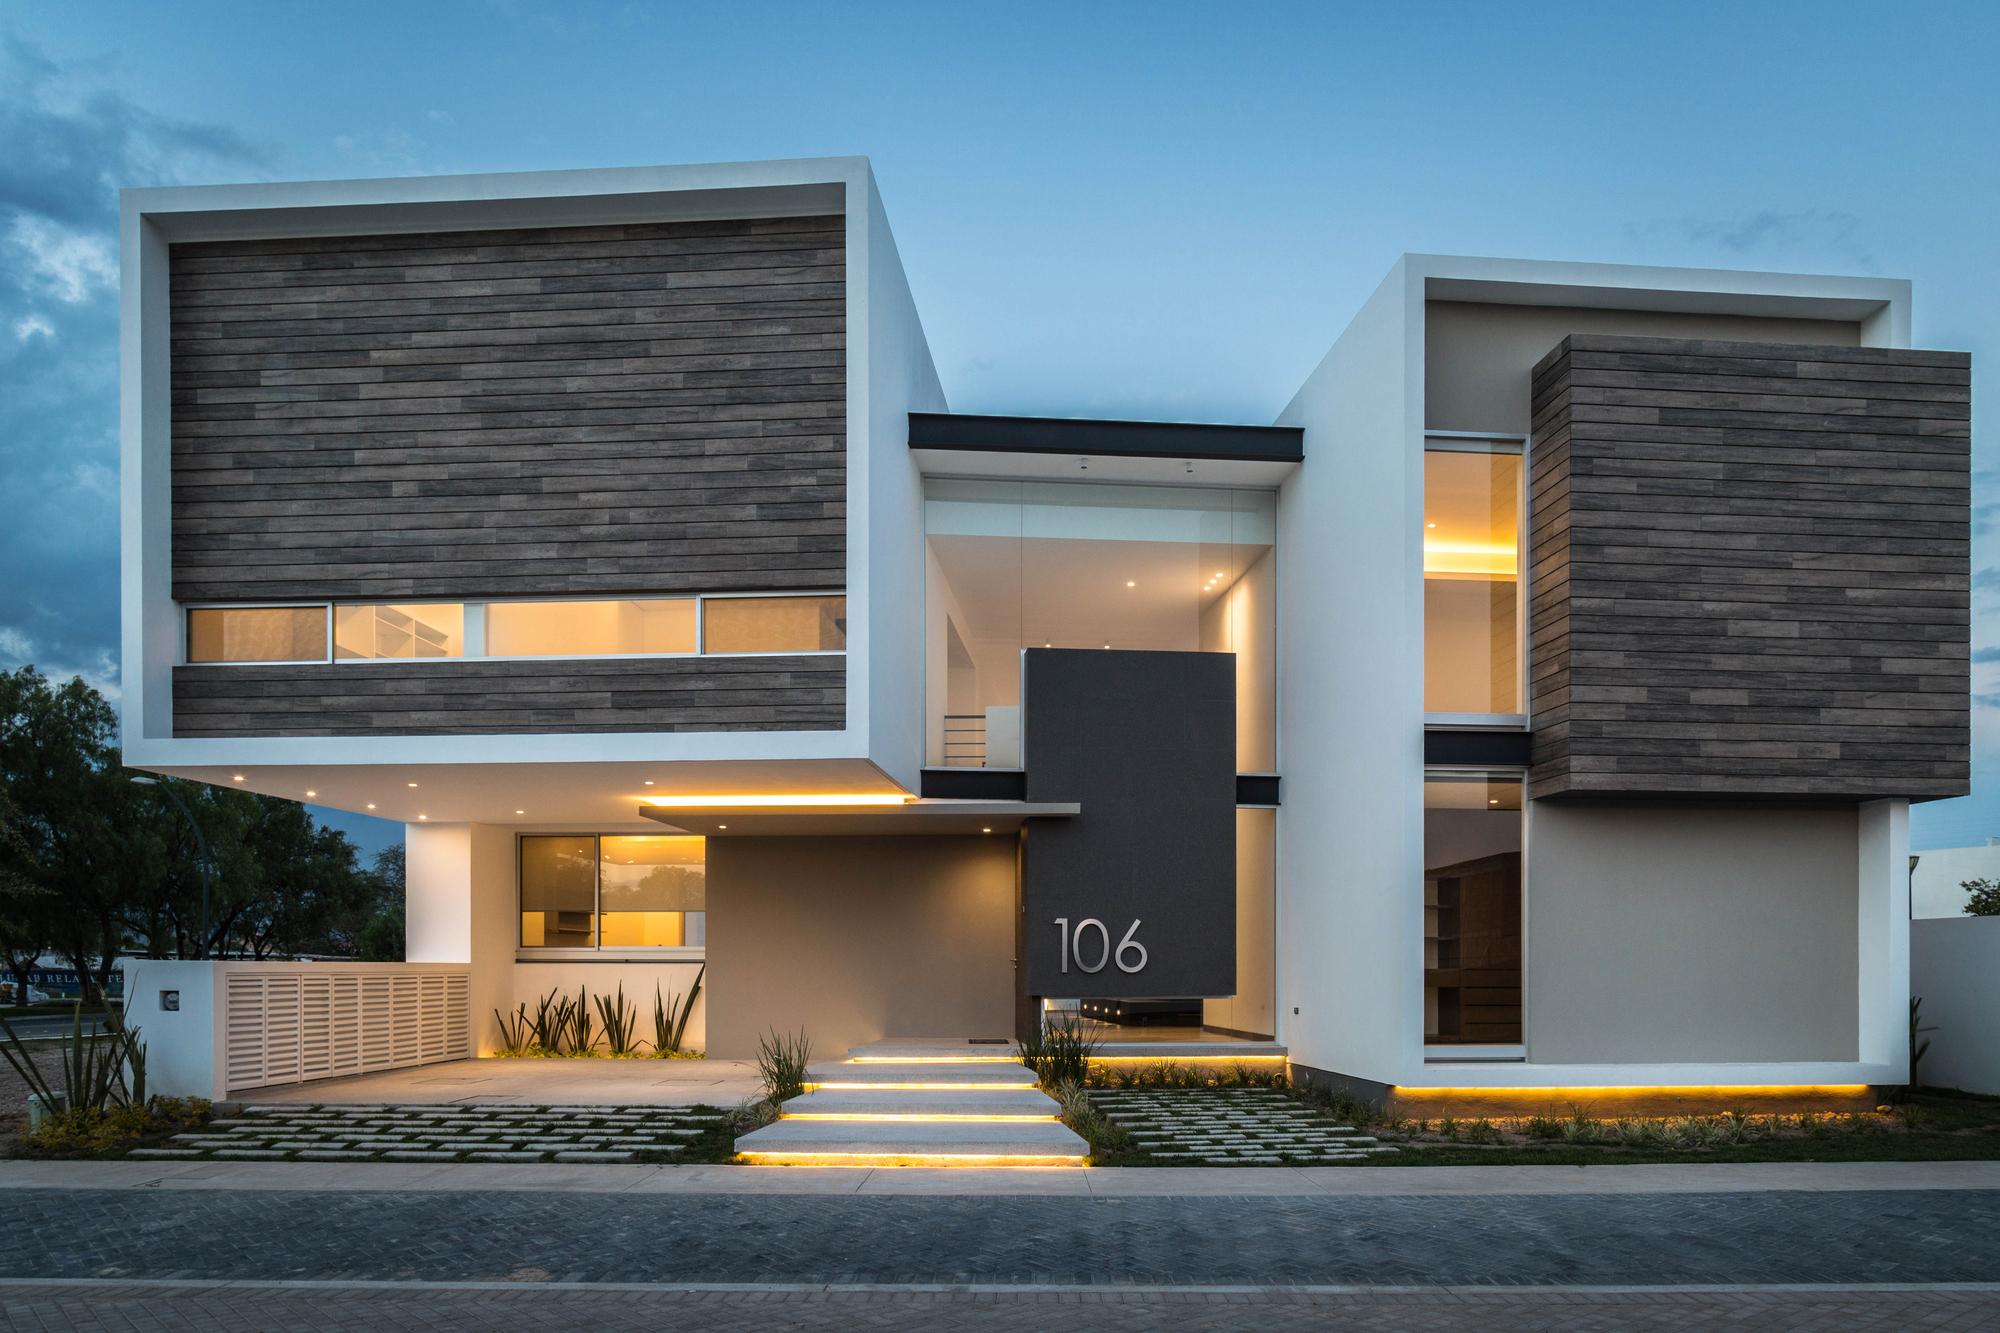 Galer a de casa r p adi arquitectura y dise o interior 8 for Arquitectura y diseno interior